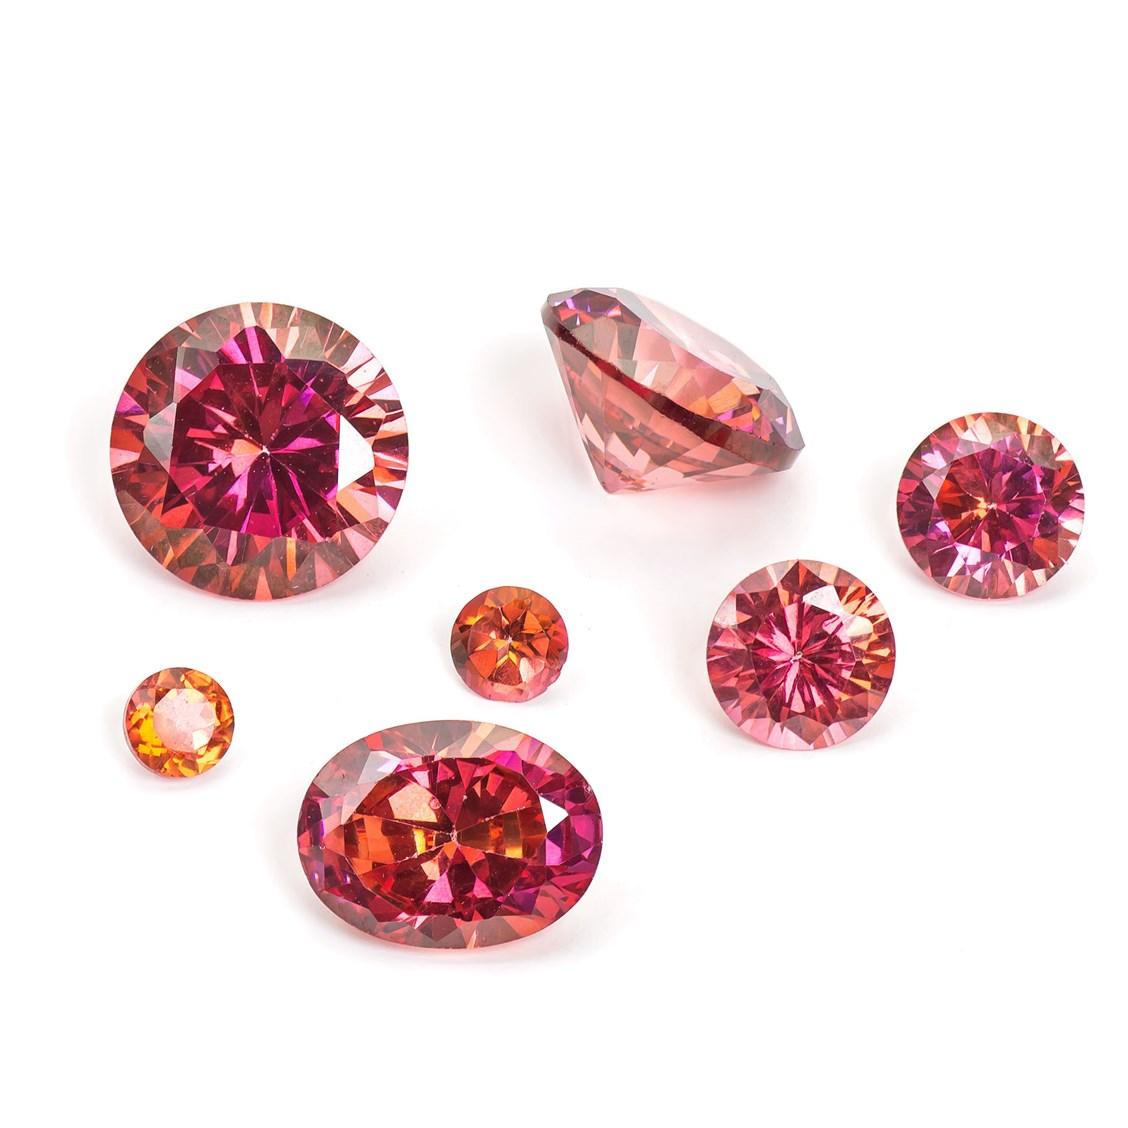 Gemstone Faceted Stones